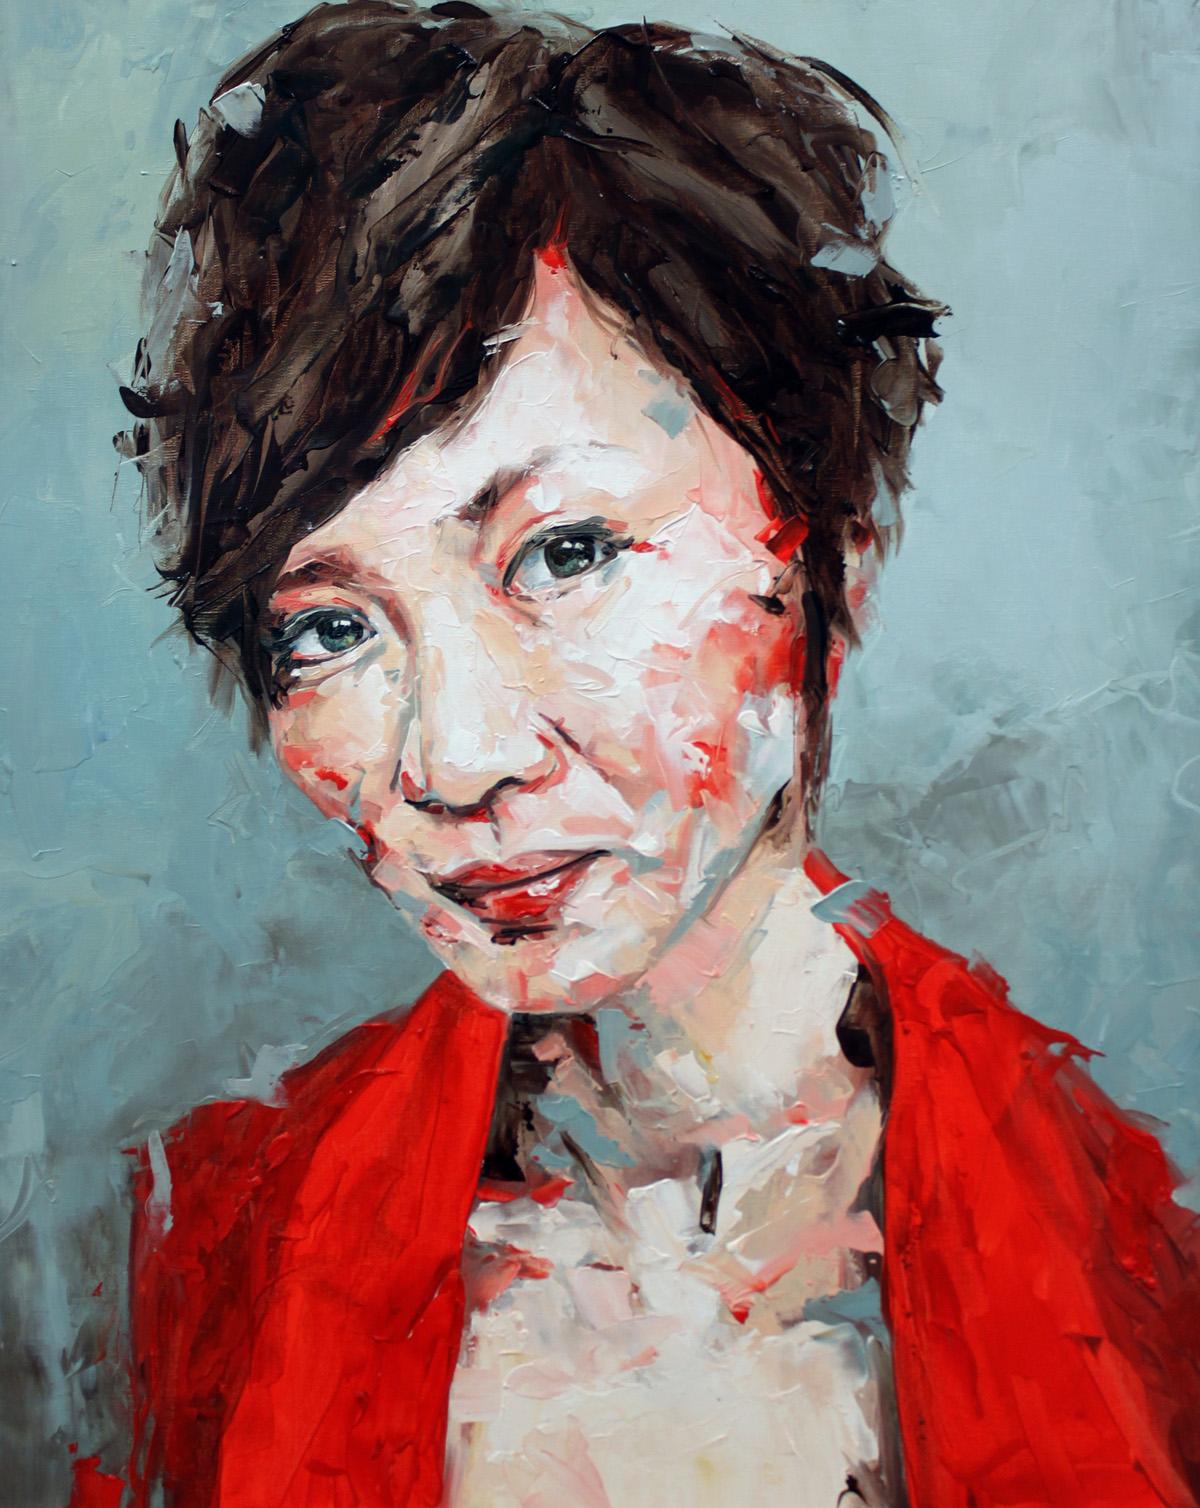 I Still Feel Portrait Painting